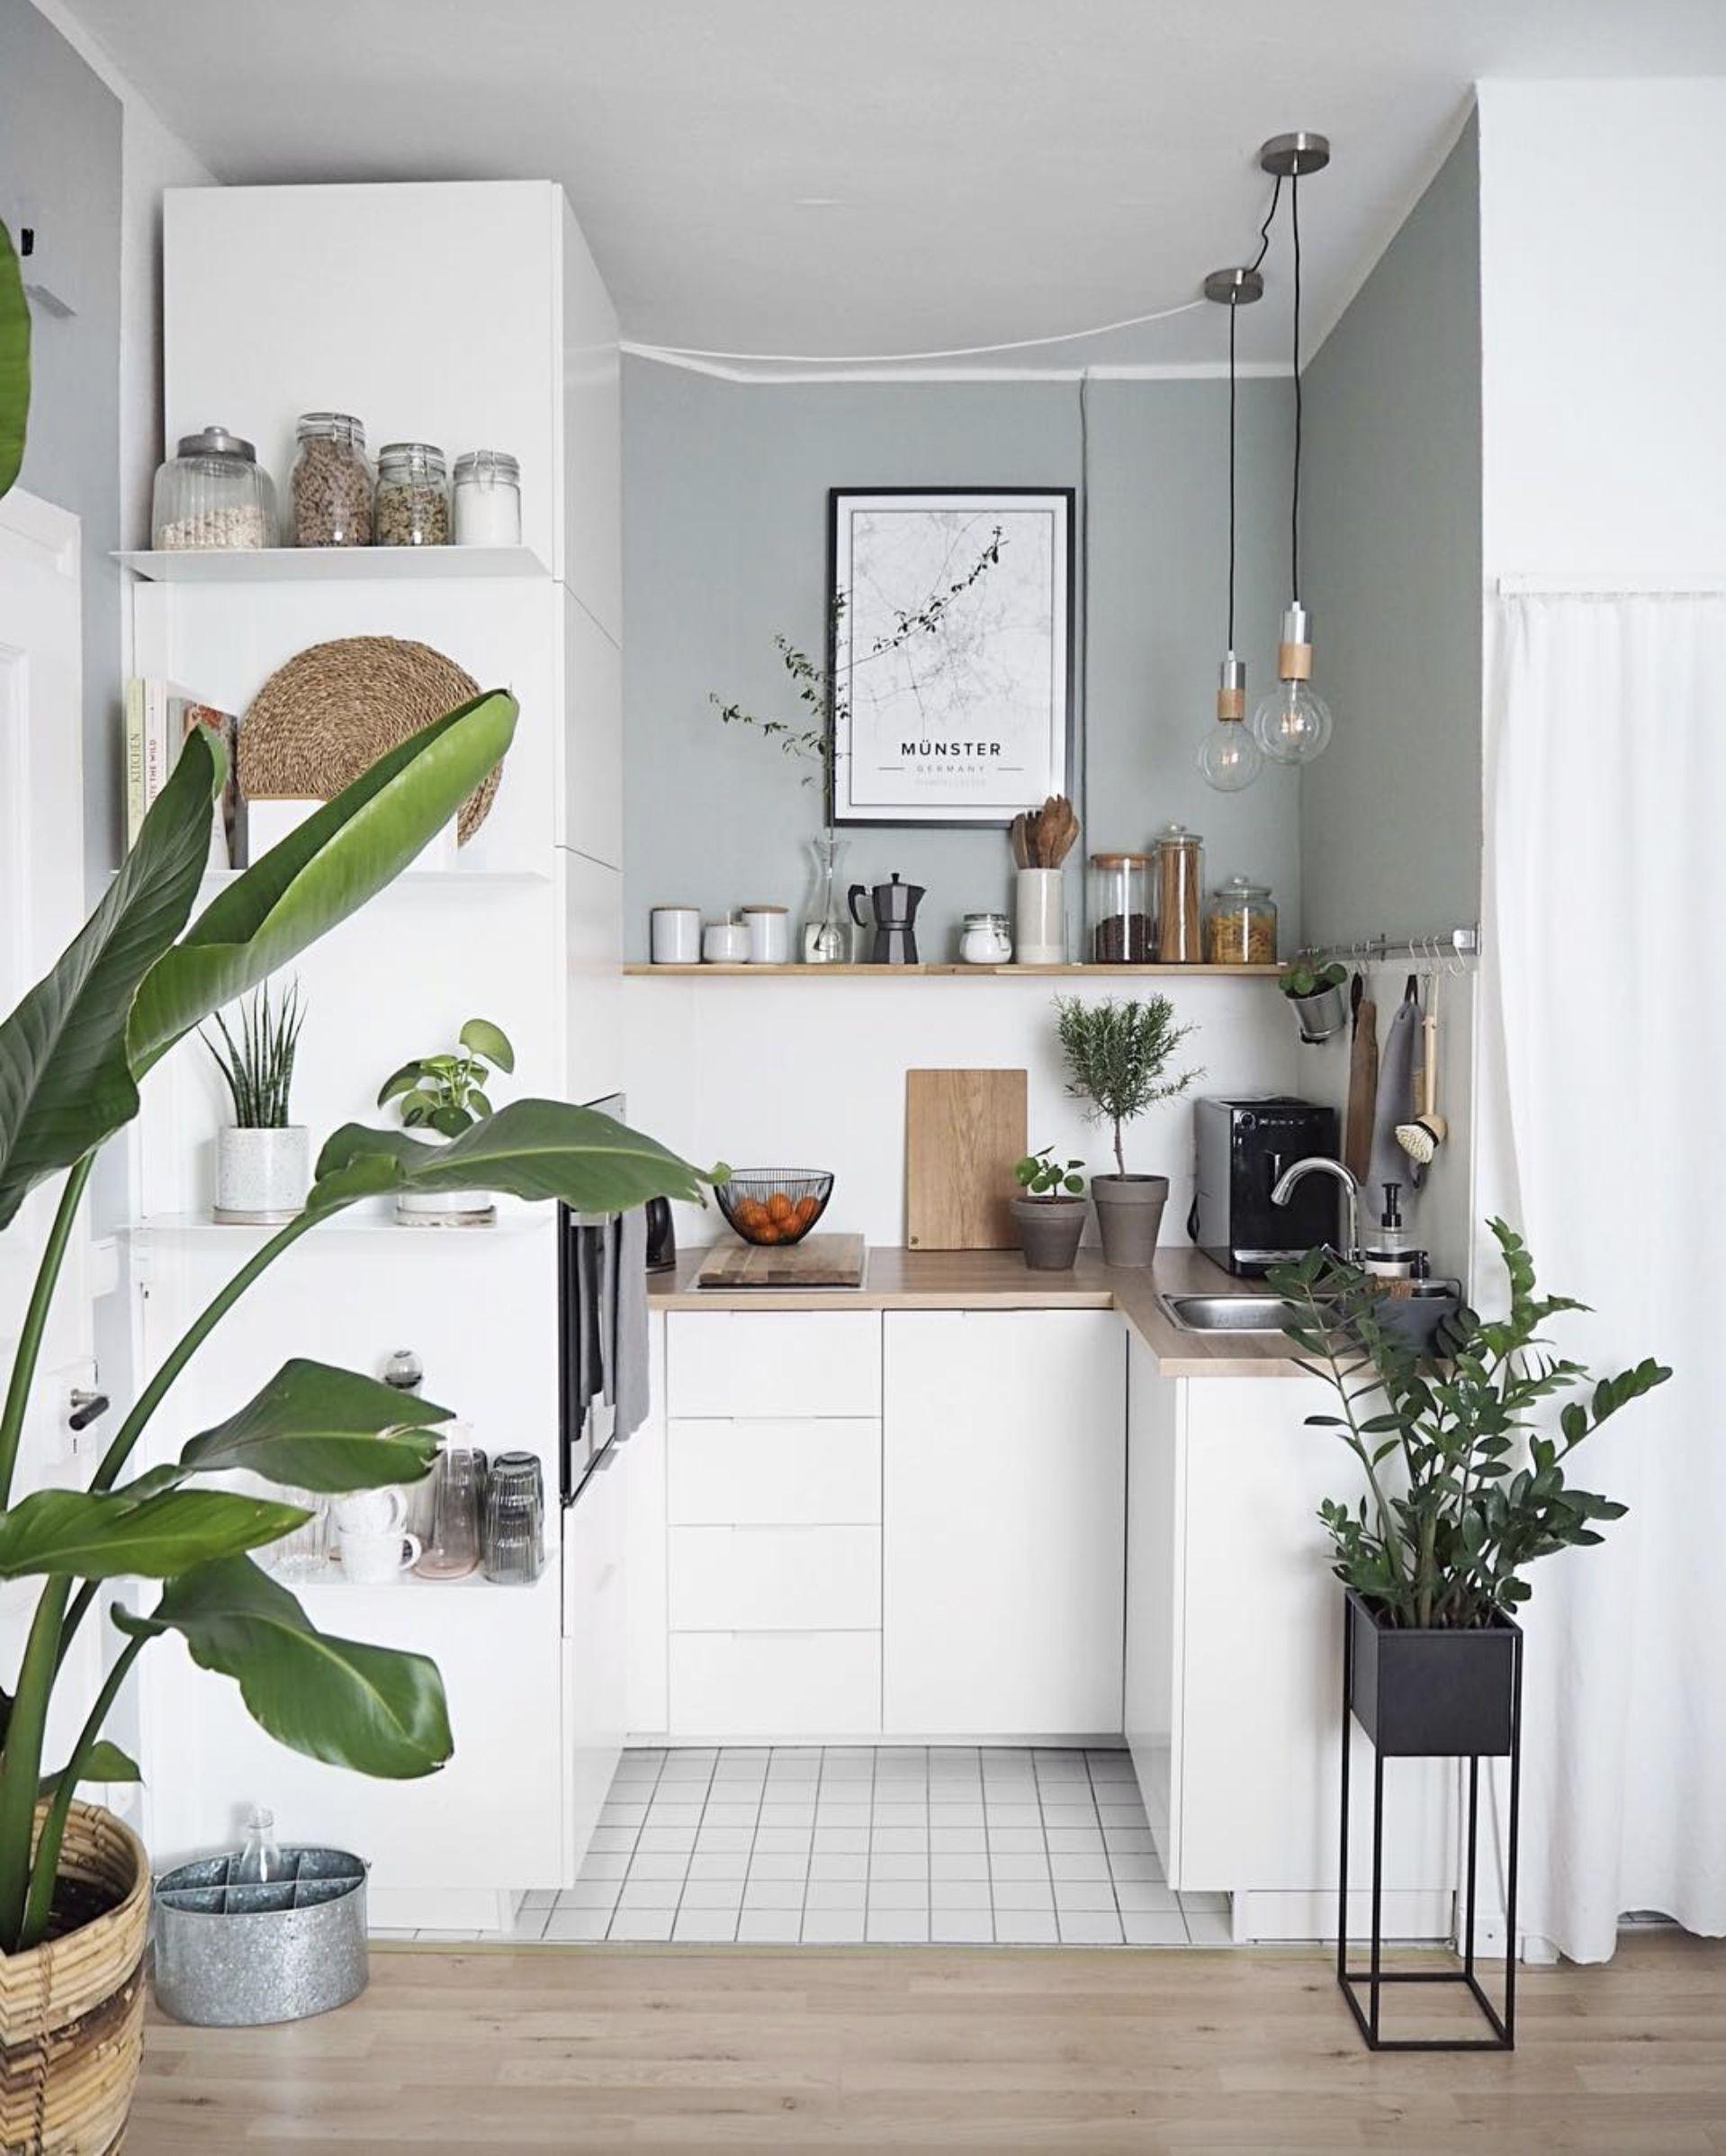 small kitchen design inspo | kleine küchen ideen, kleine